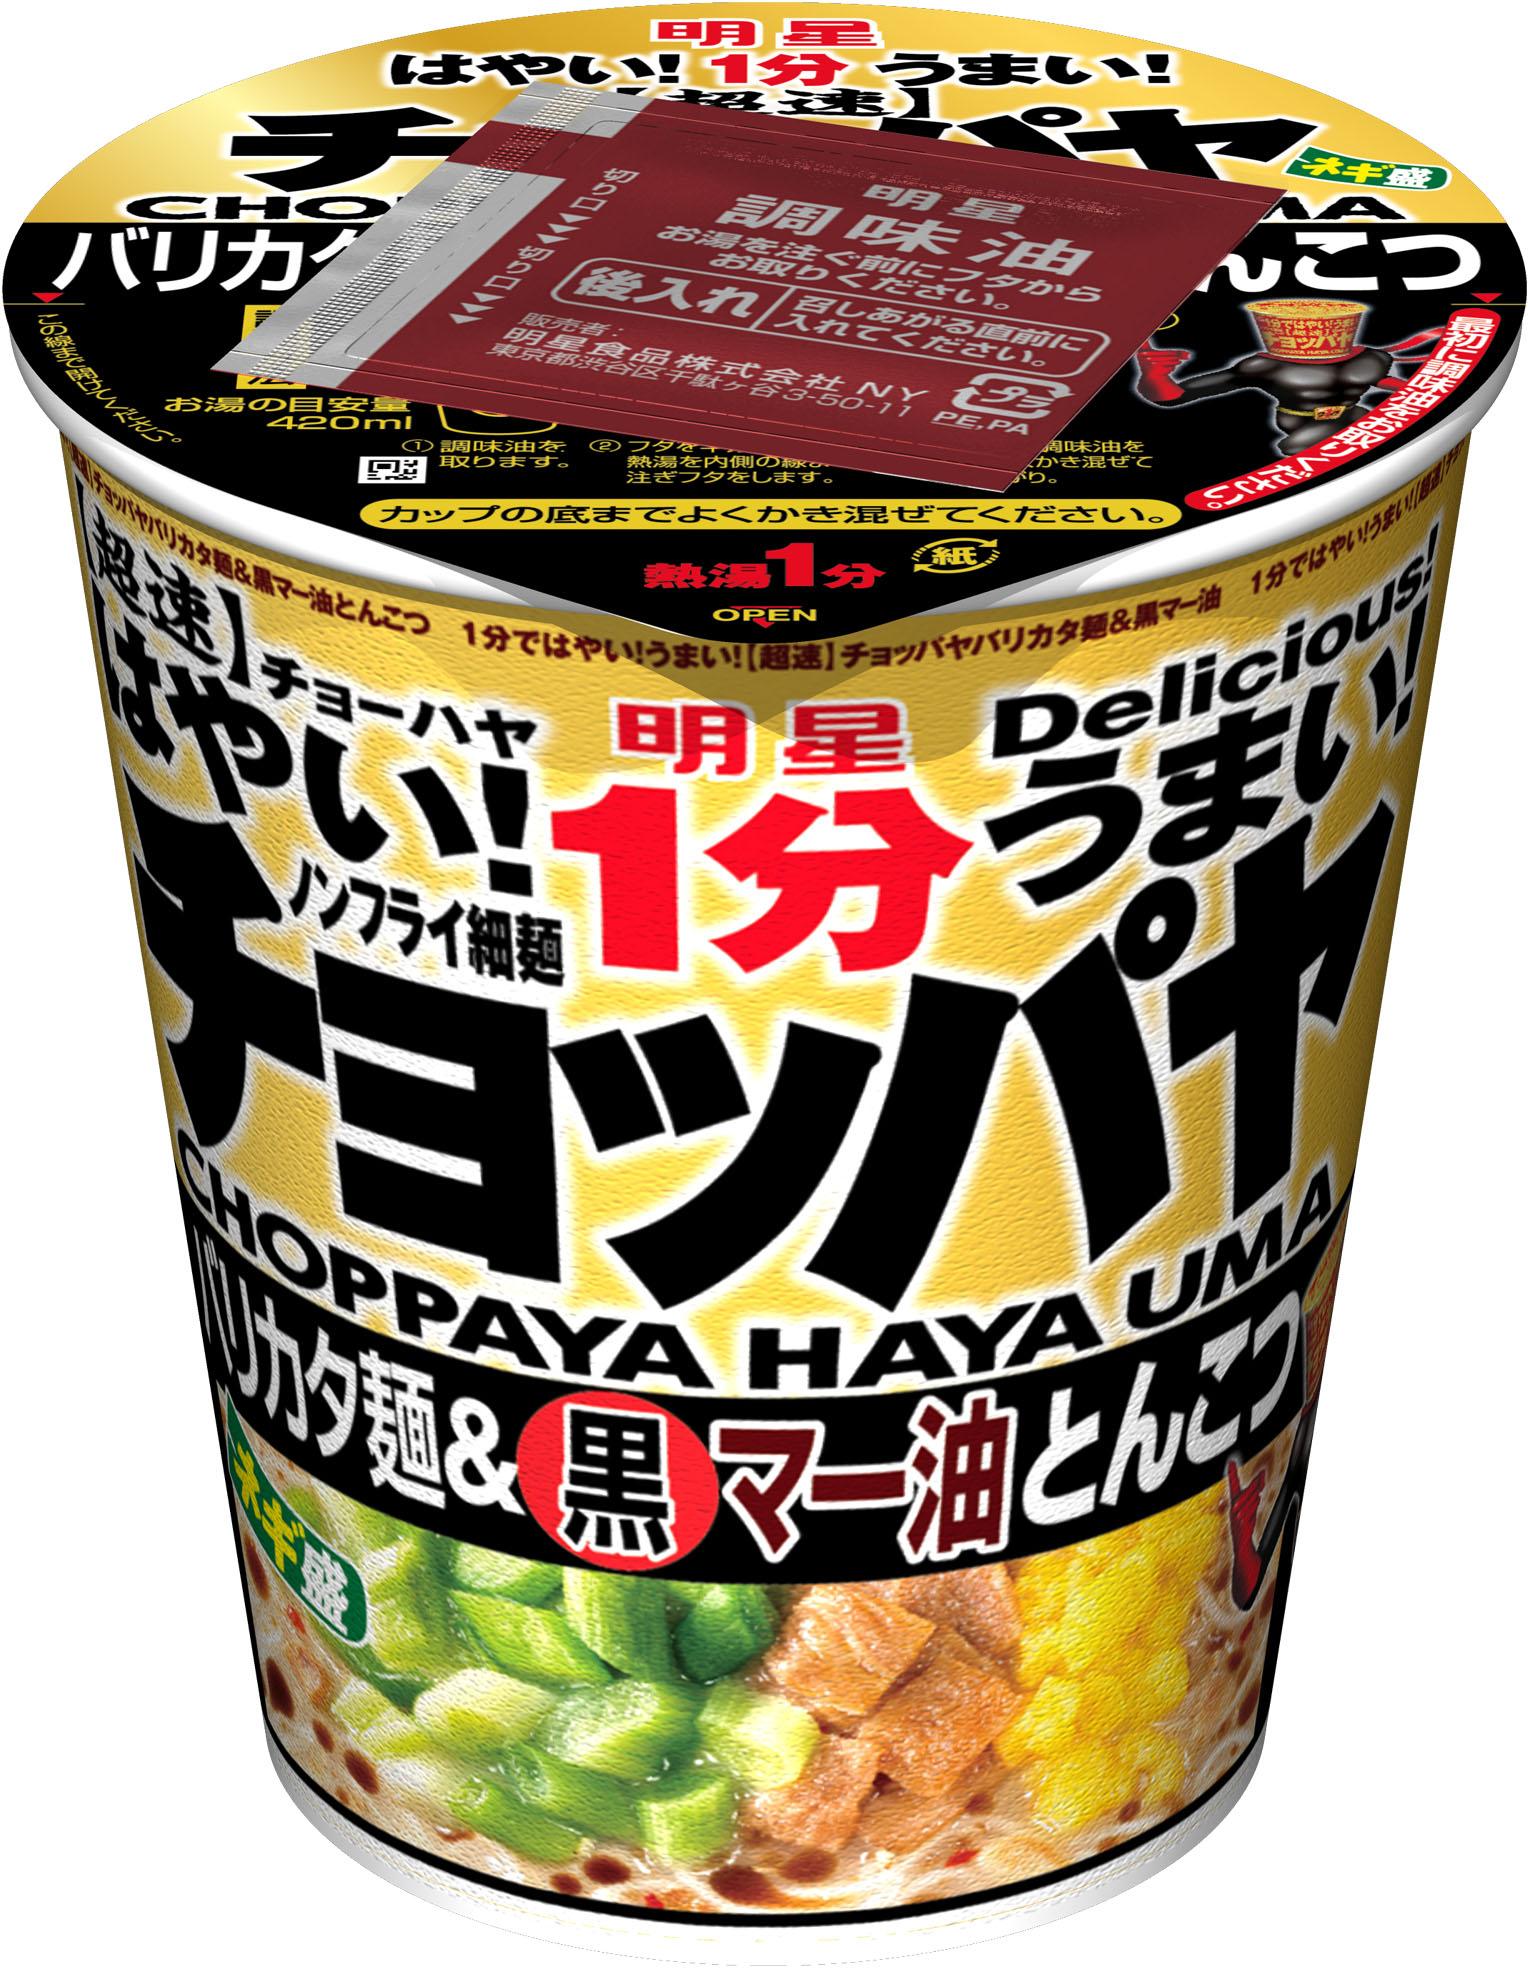 明星食品「明星 チョッパヤ バリカタ麺&黒マー油とんこつ」